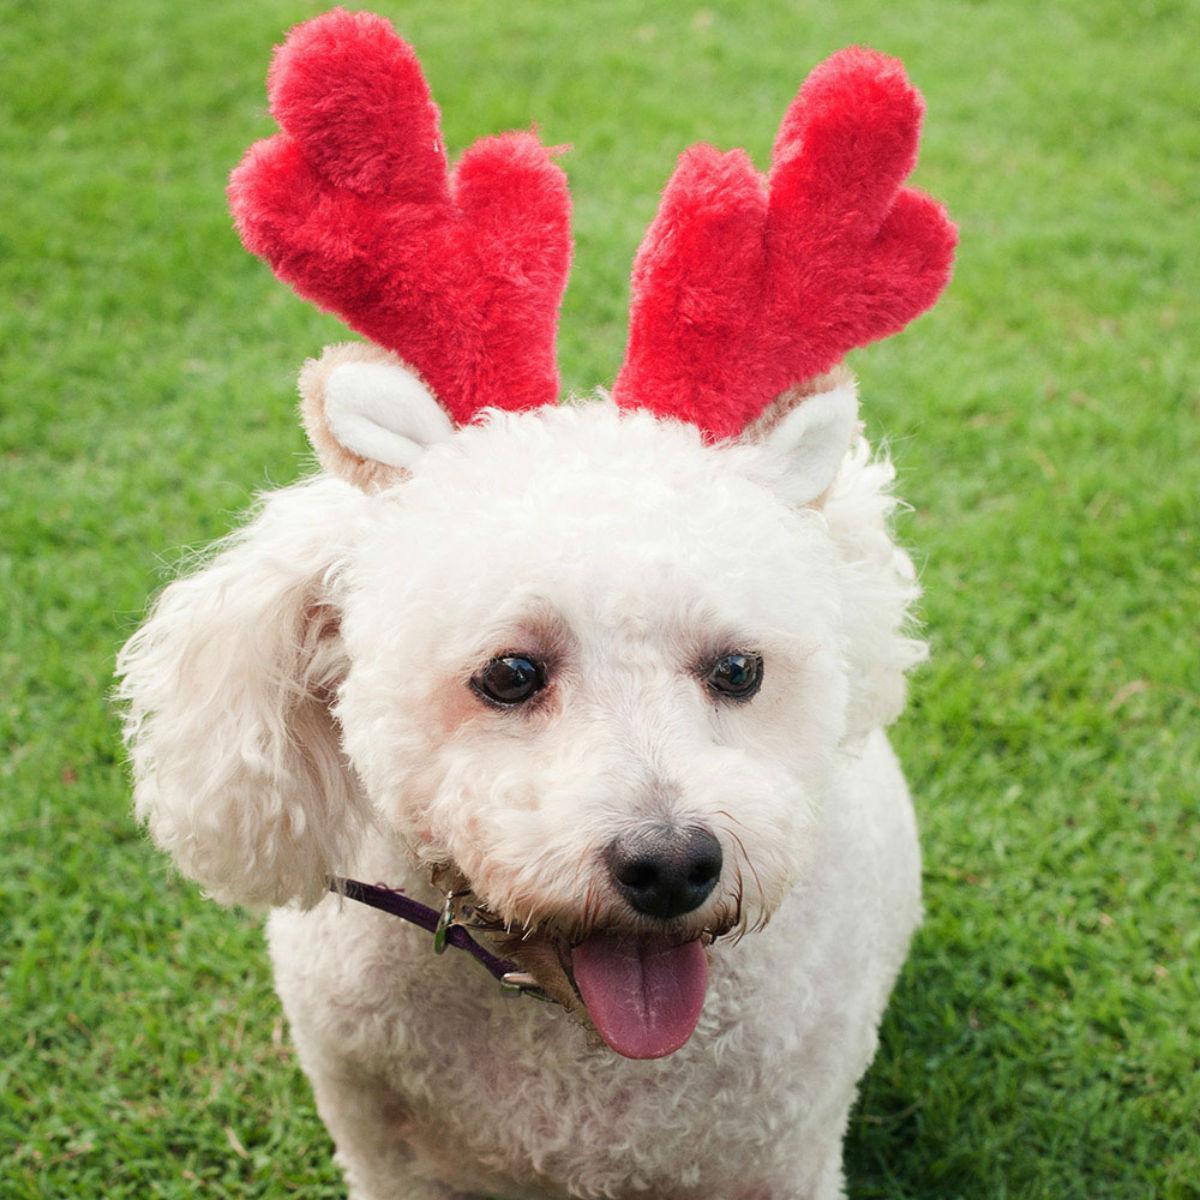 ZippyPaws Holiday Dog Antlers